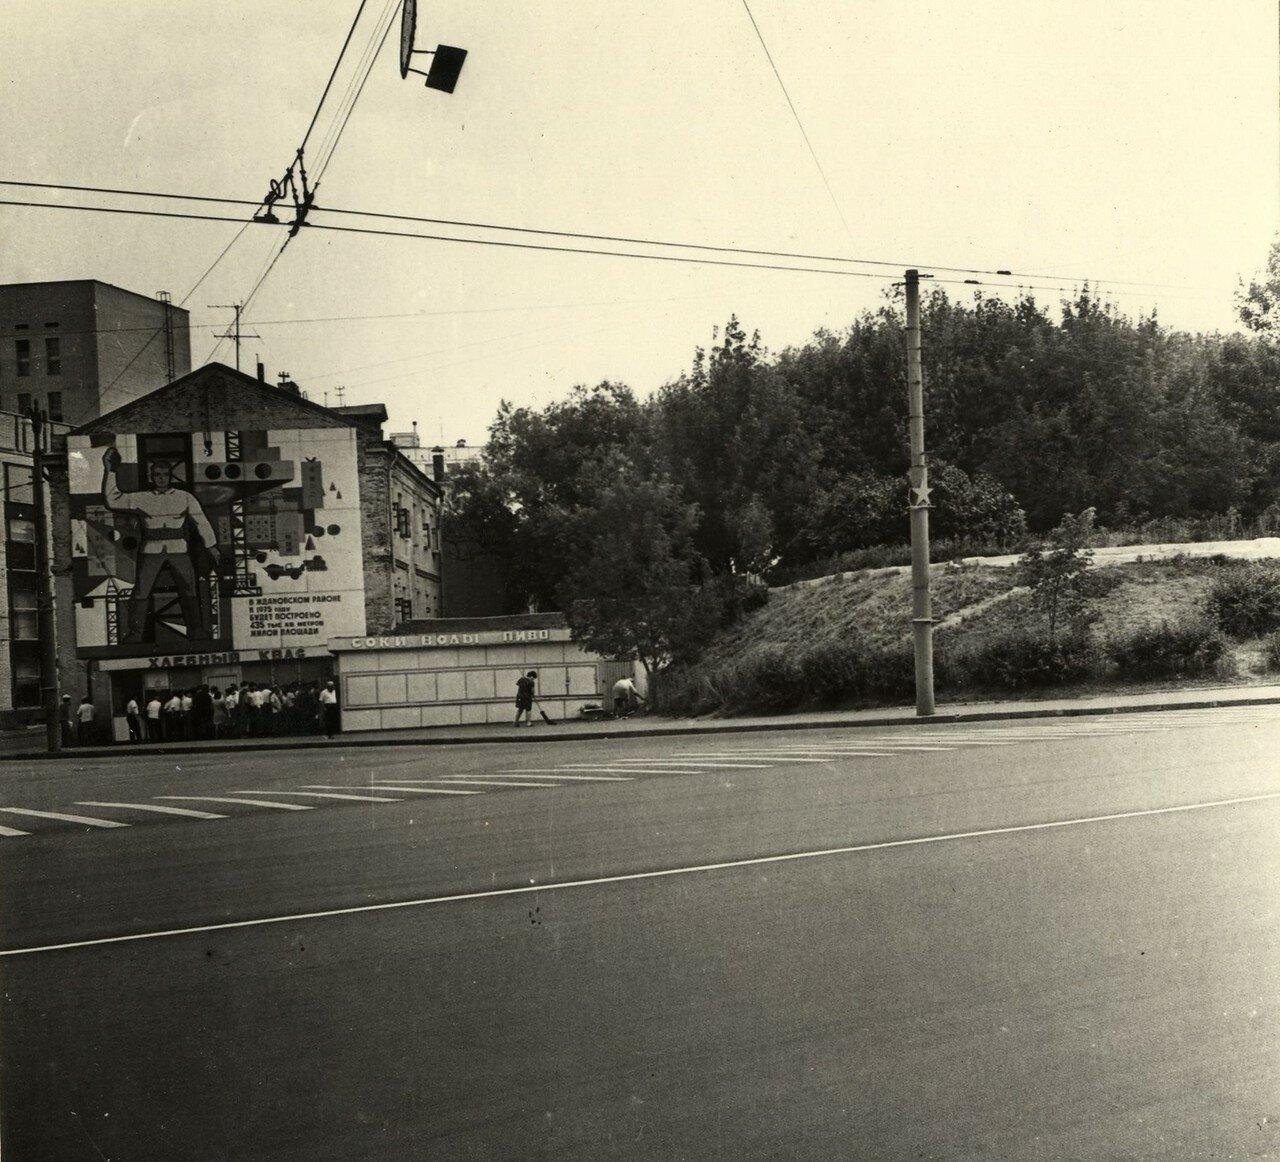 Яузская улица нач. 70-х из архива А. Кондрашова.jpg